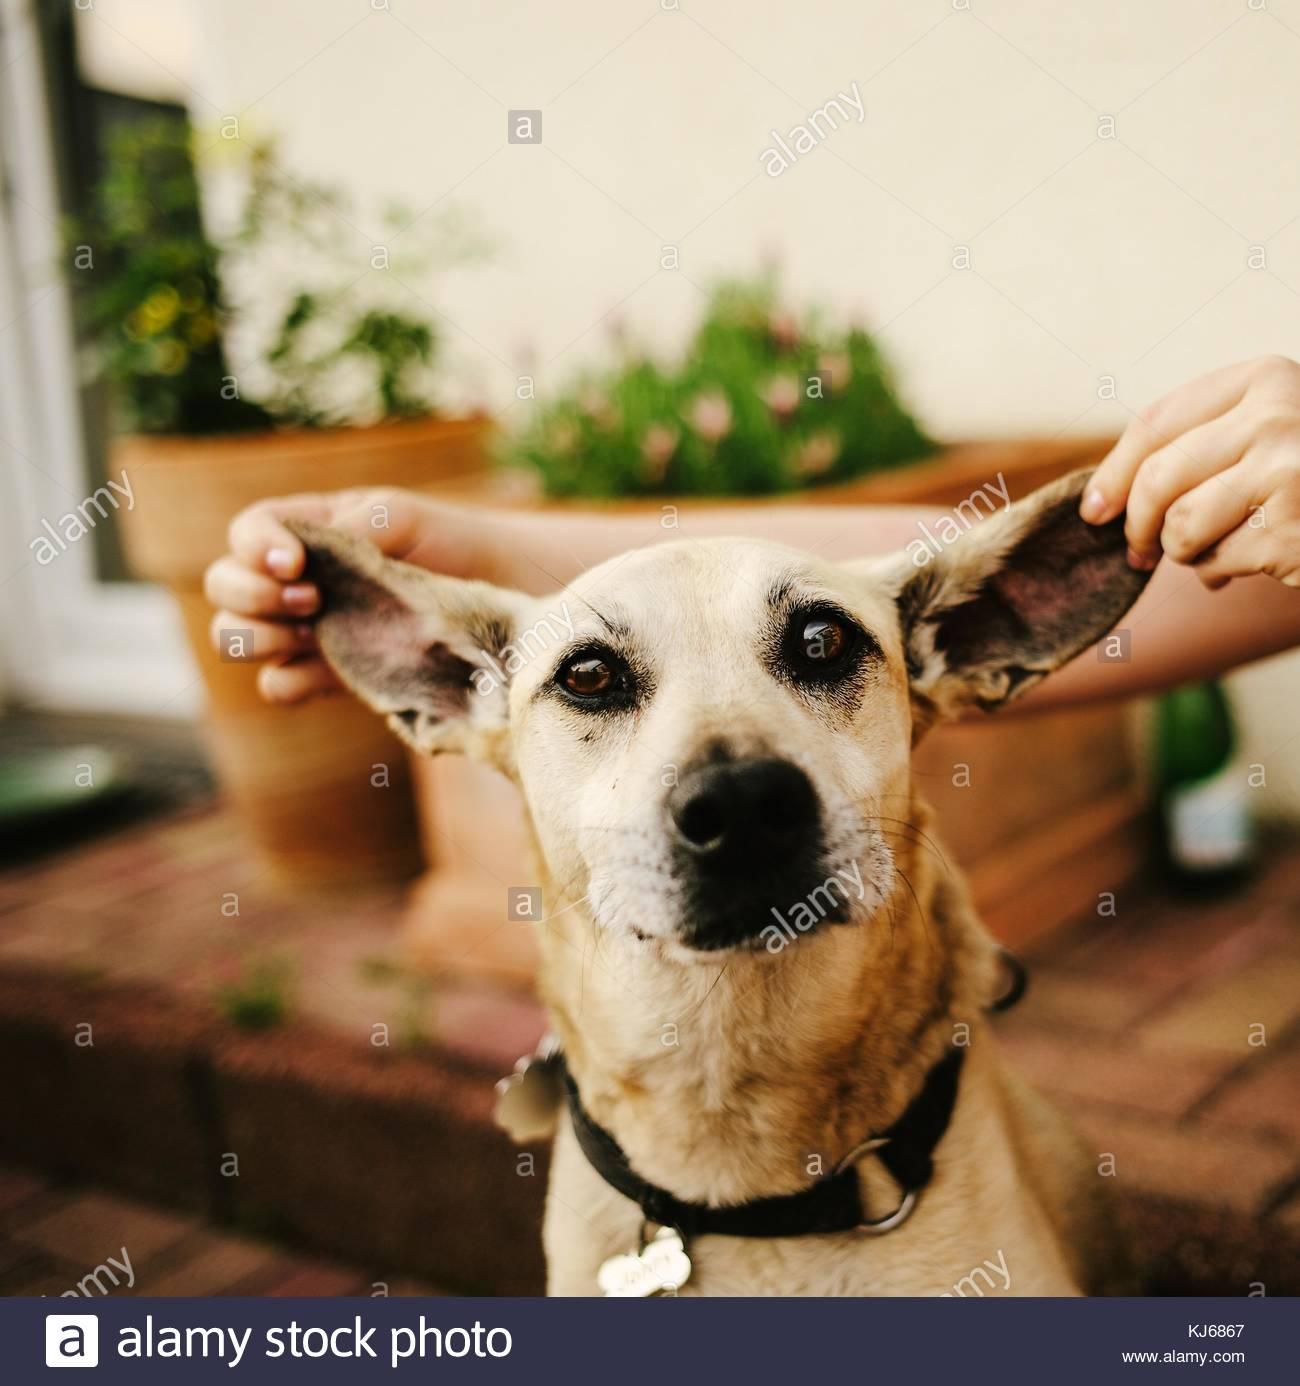 Con orejas de perro tirado amplia Imagen De Stock